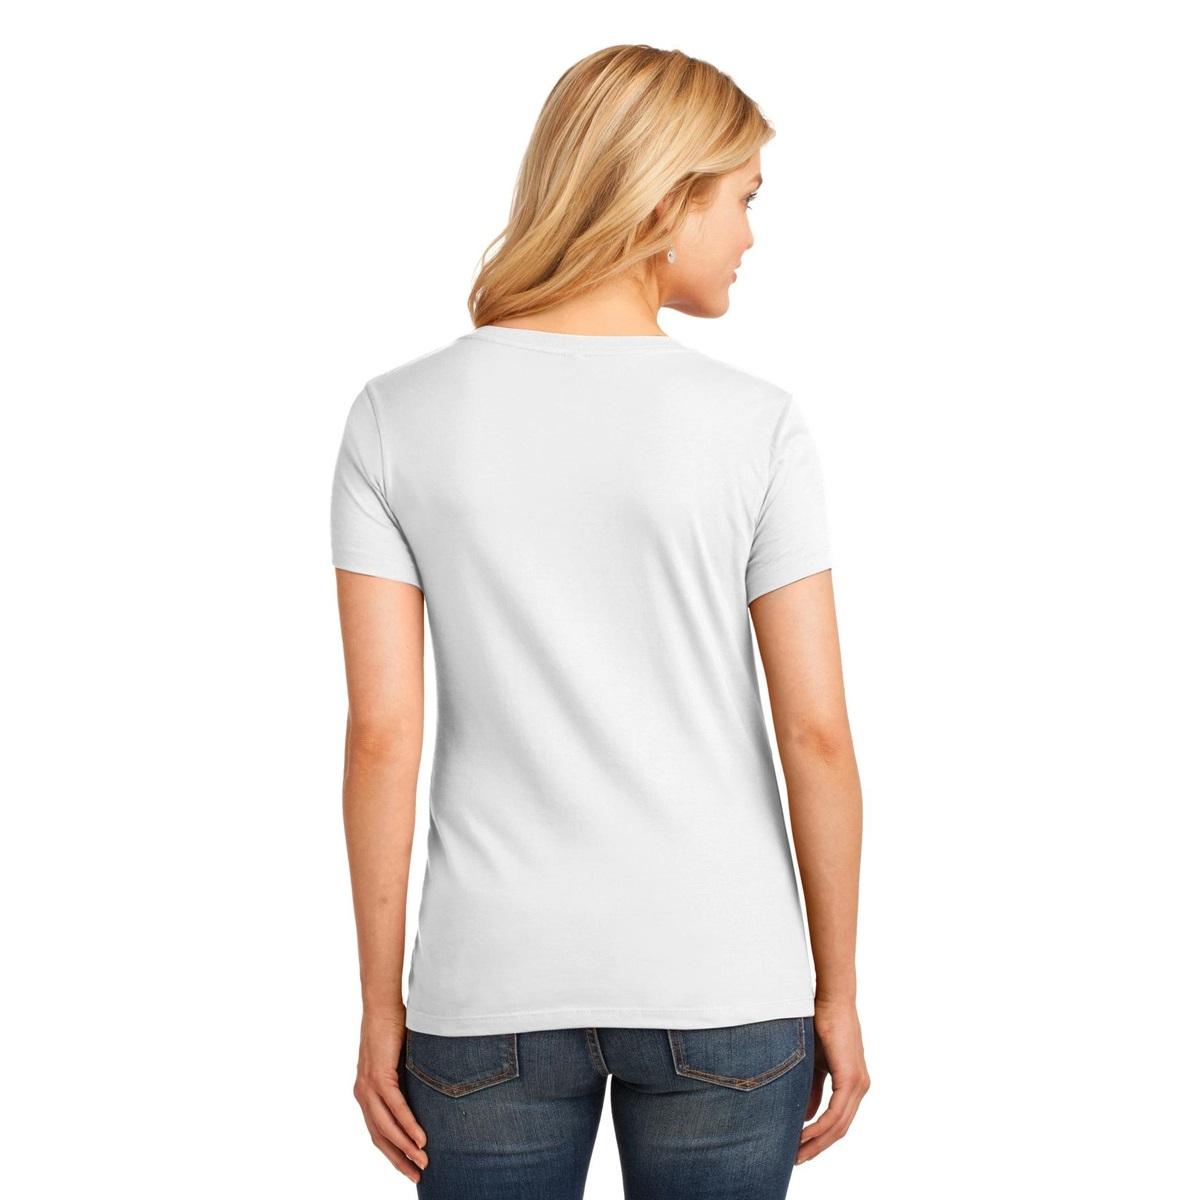 Port company lpc54v ladies 5 4 oz 100 cotton v neck t for White t shirt v neck